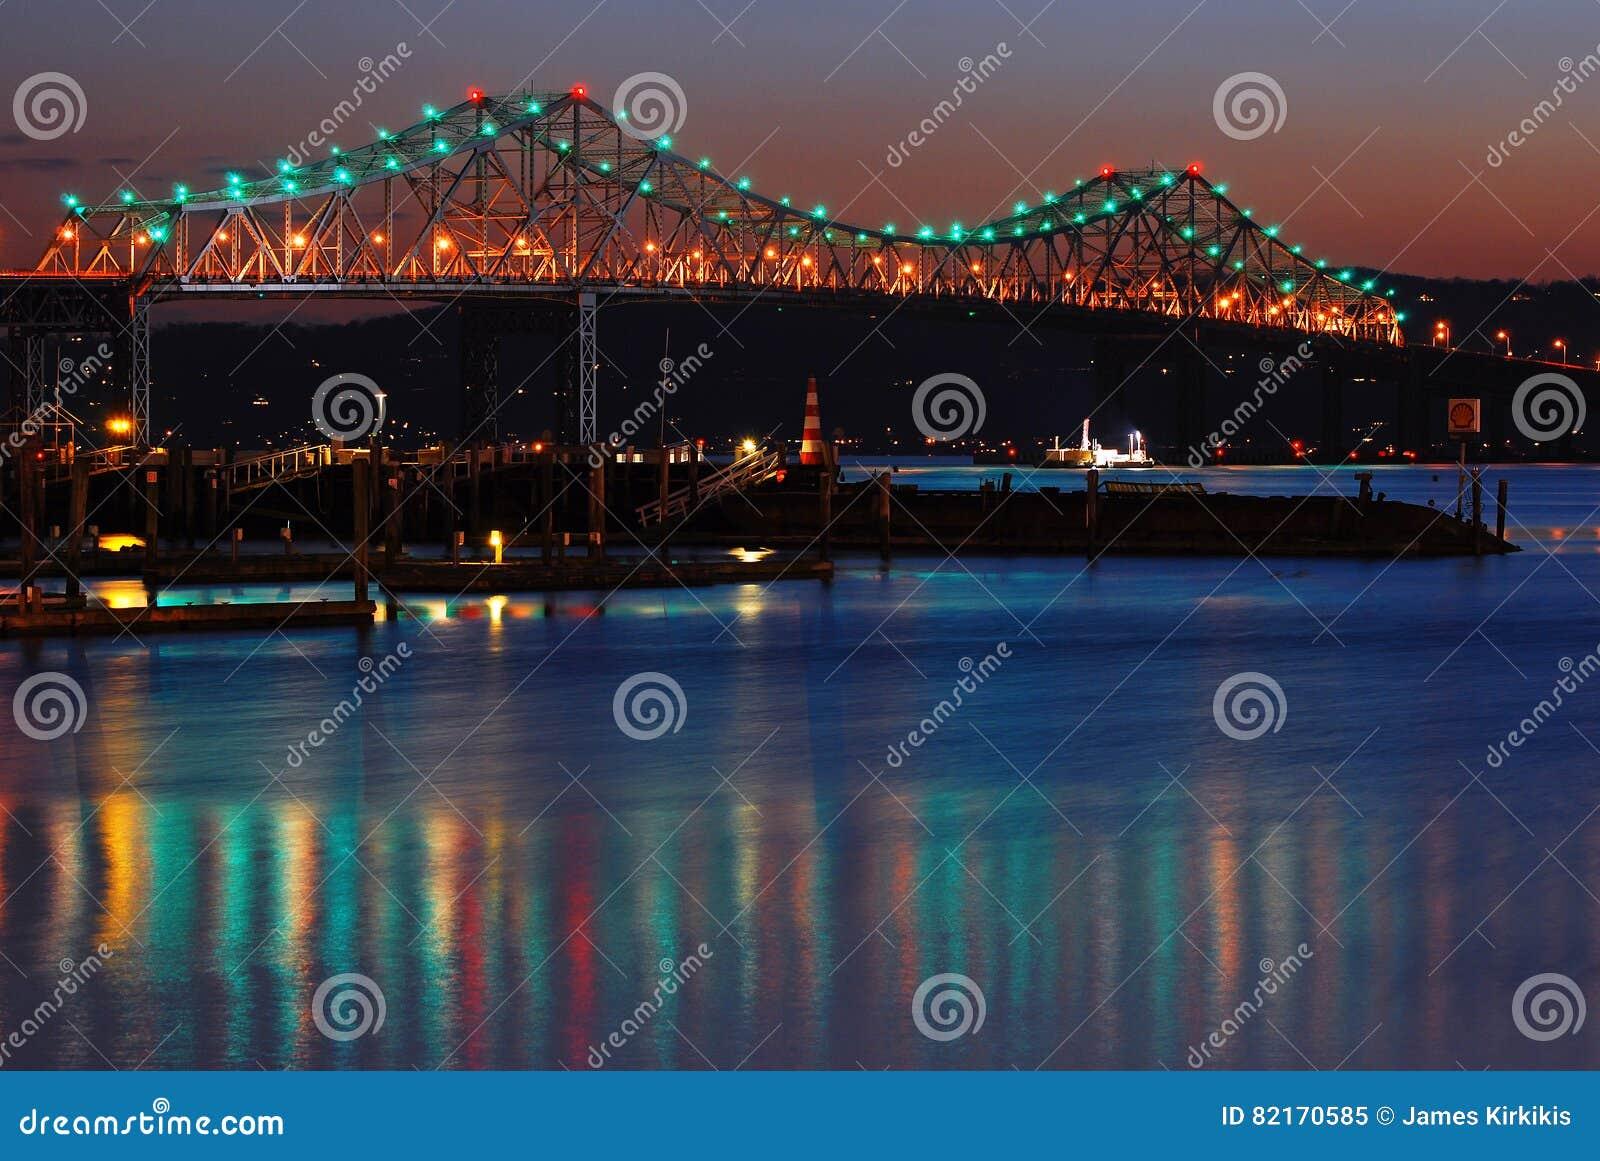 Den gamla Tappan Zee bron spänner över Hudsonen